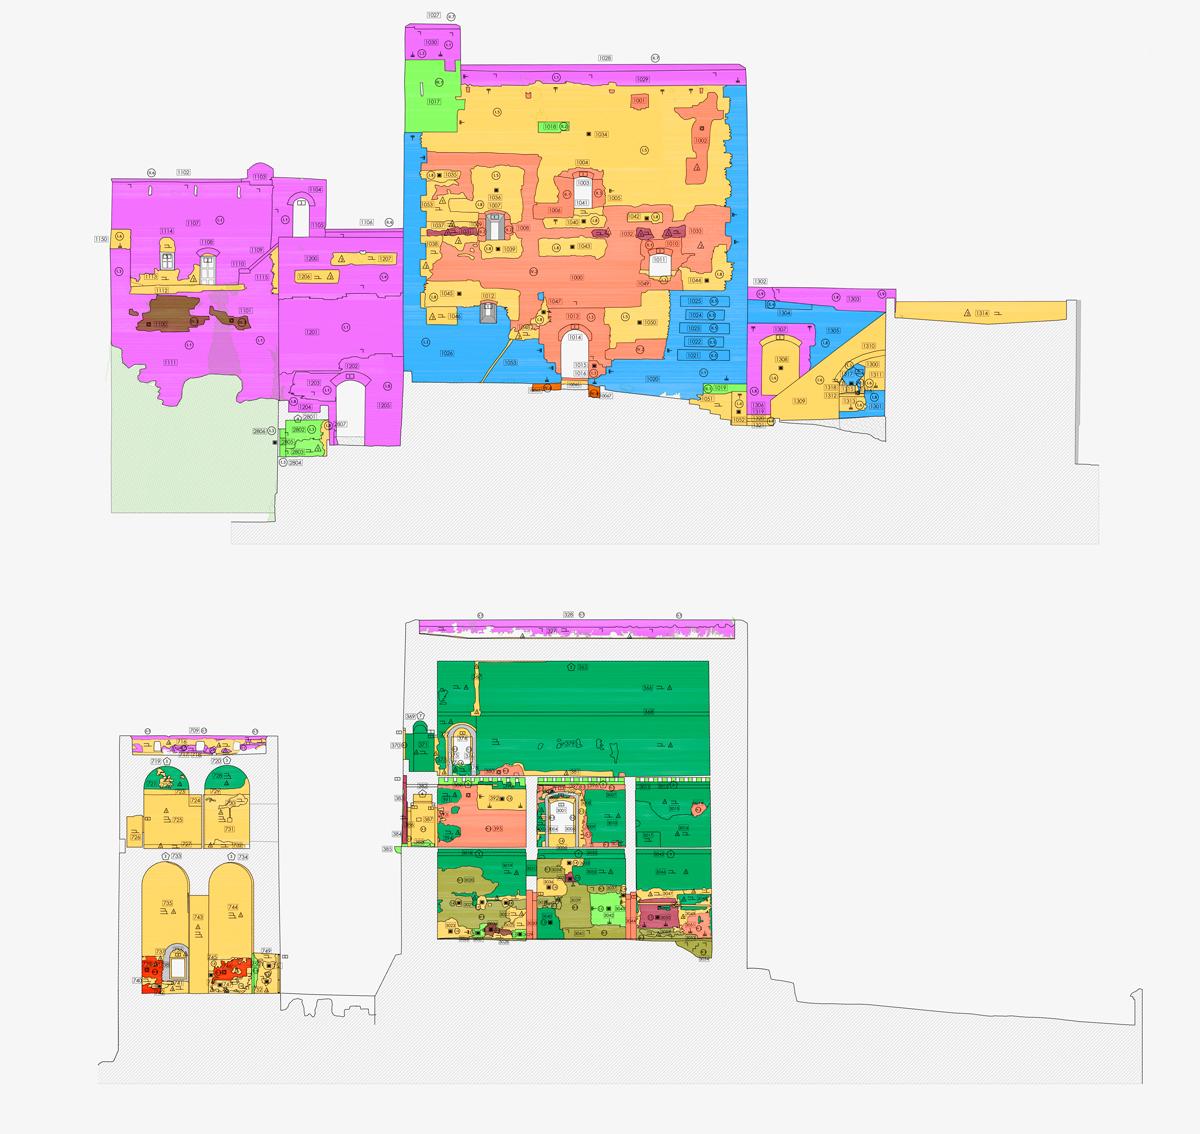 estudios-obras-documentaciones-tecnicas-Torres-Bermejas-Granada-Alhambra-analisis-parietal-estratigrafico-2-licitacion-memorias